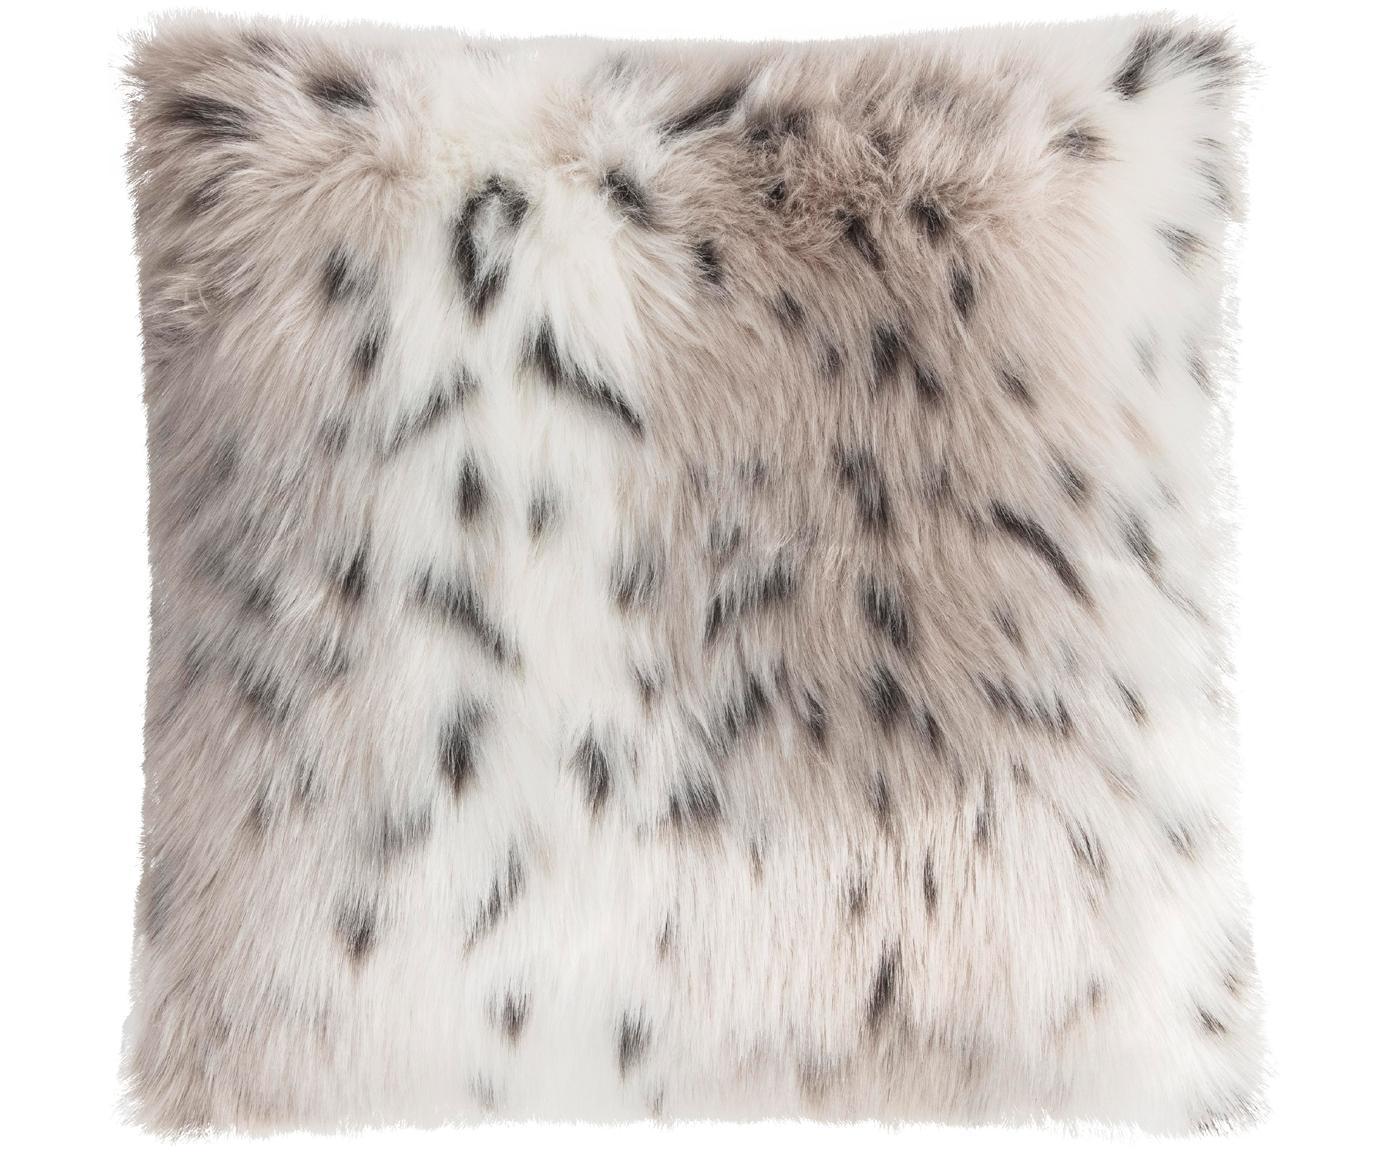 Poszewka na poduszkę ze sztucznego futra Skins, Przód: beżowy, biały, antracytowy Tył: kość słoniowa, S 40 x D 40 cm